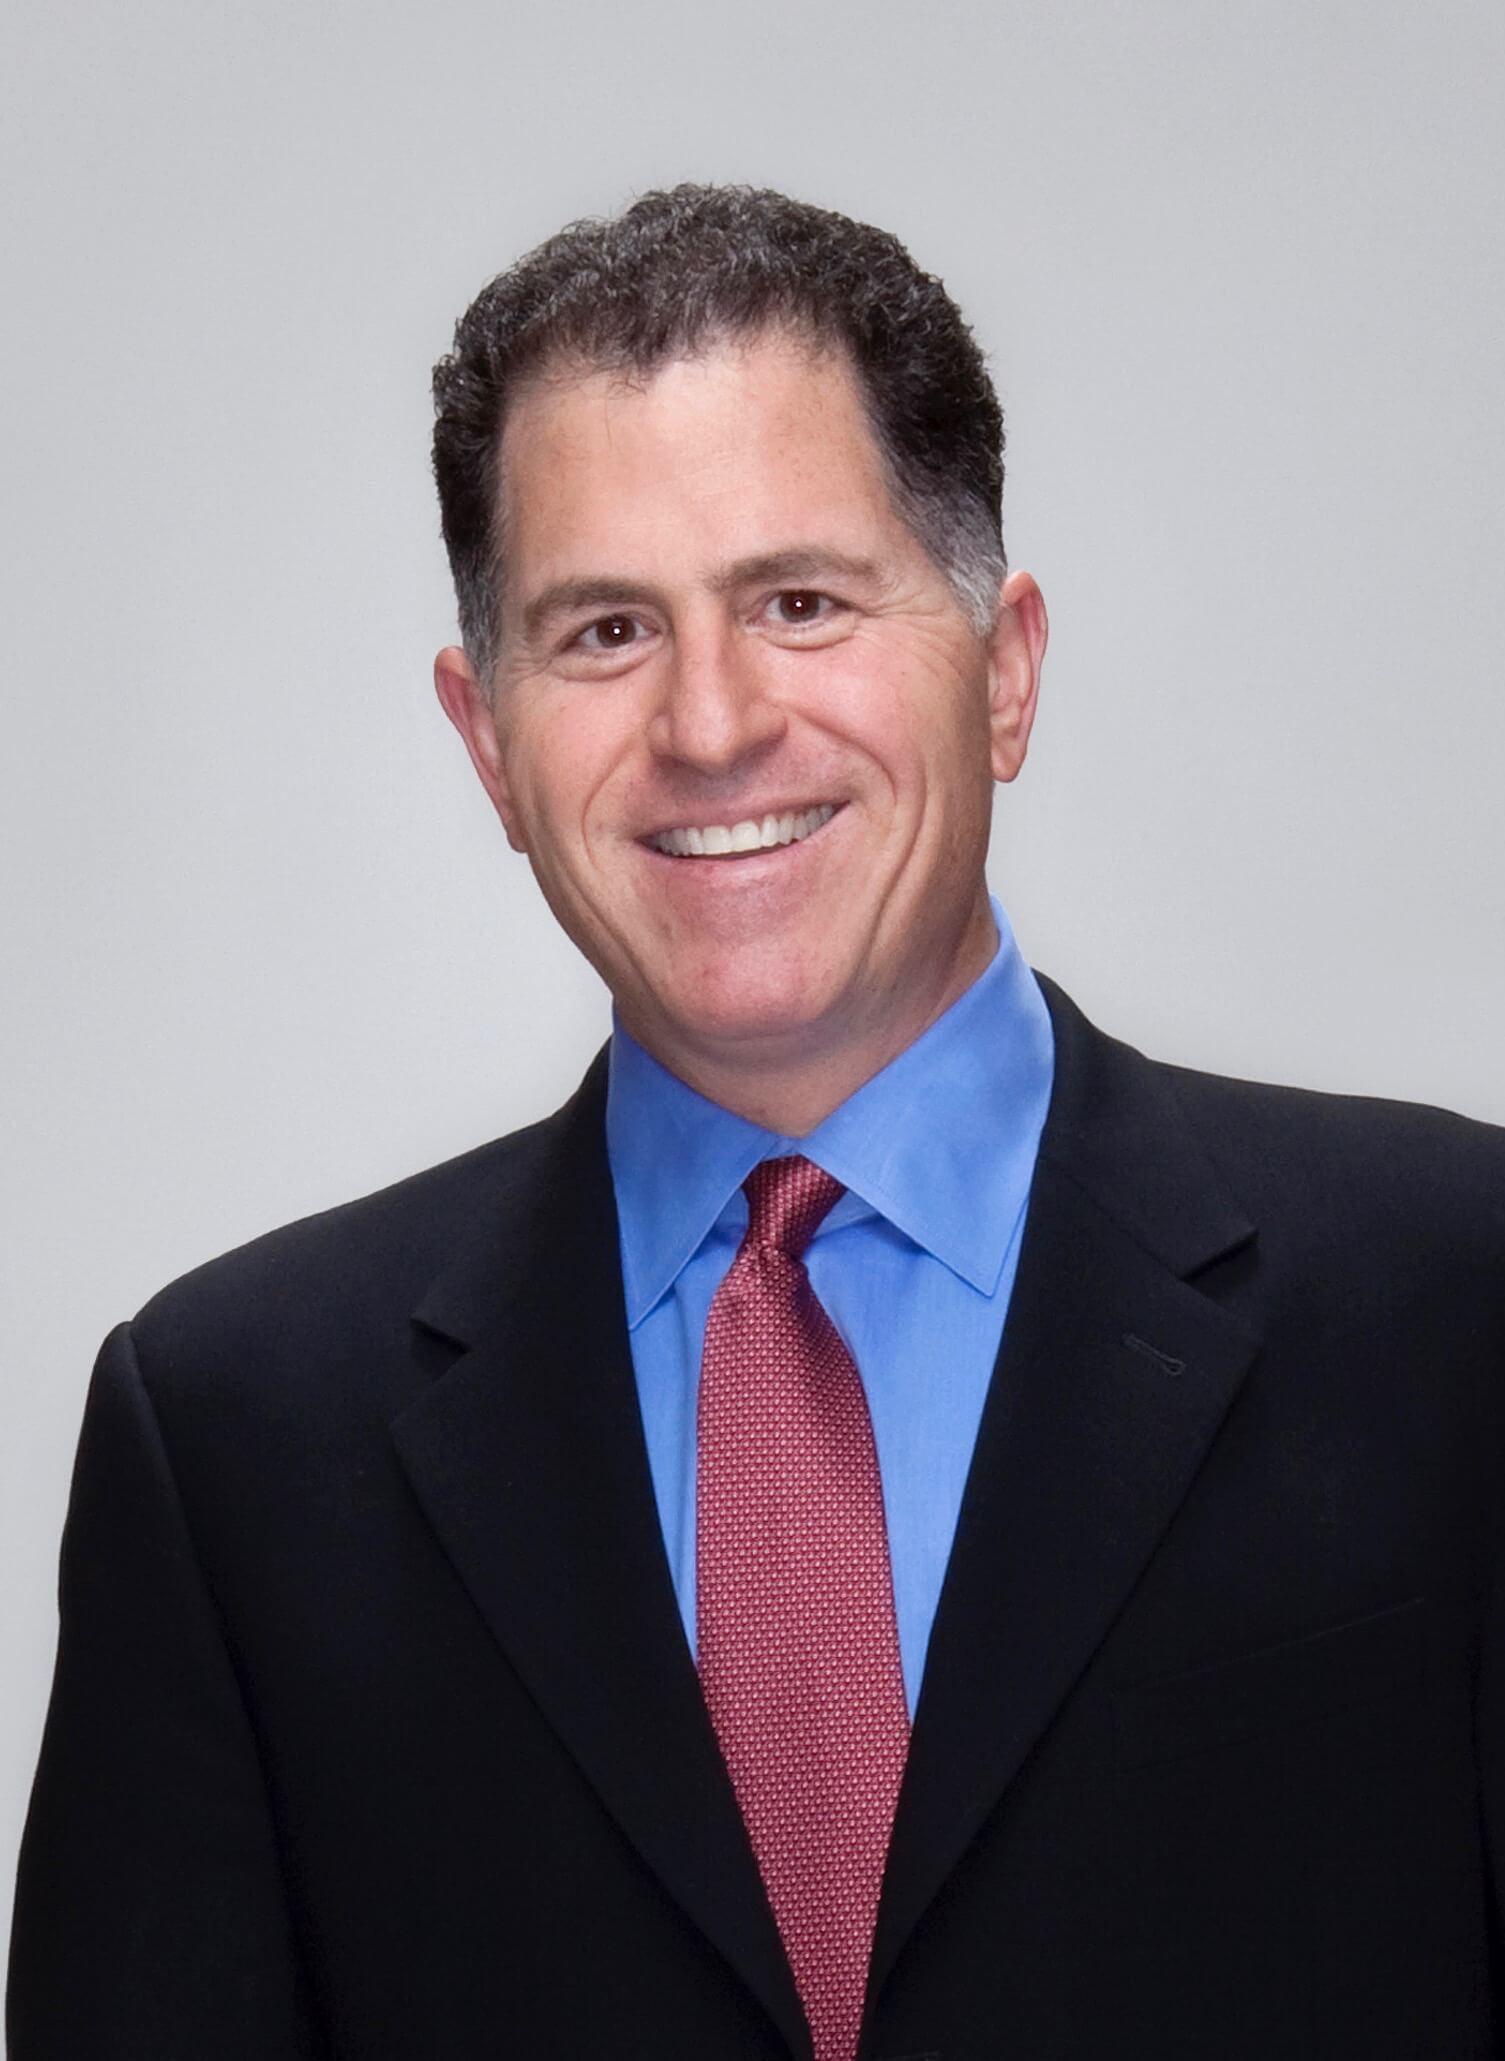 Profilbild Michael Dell